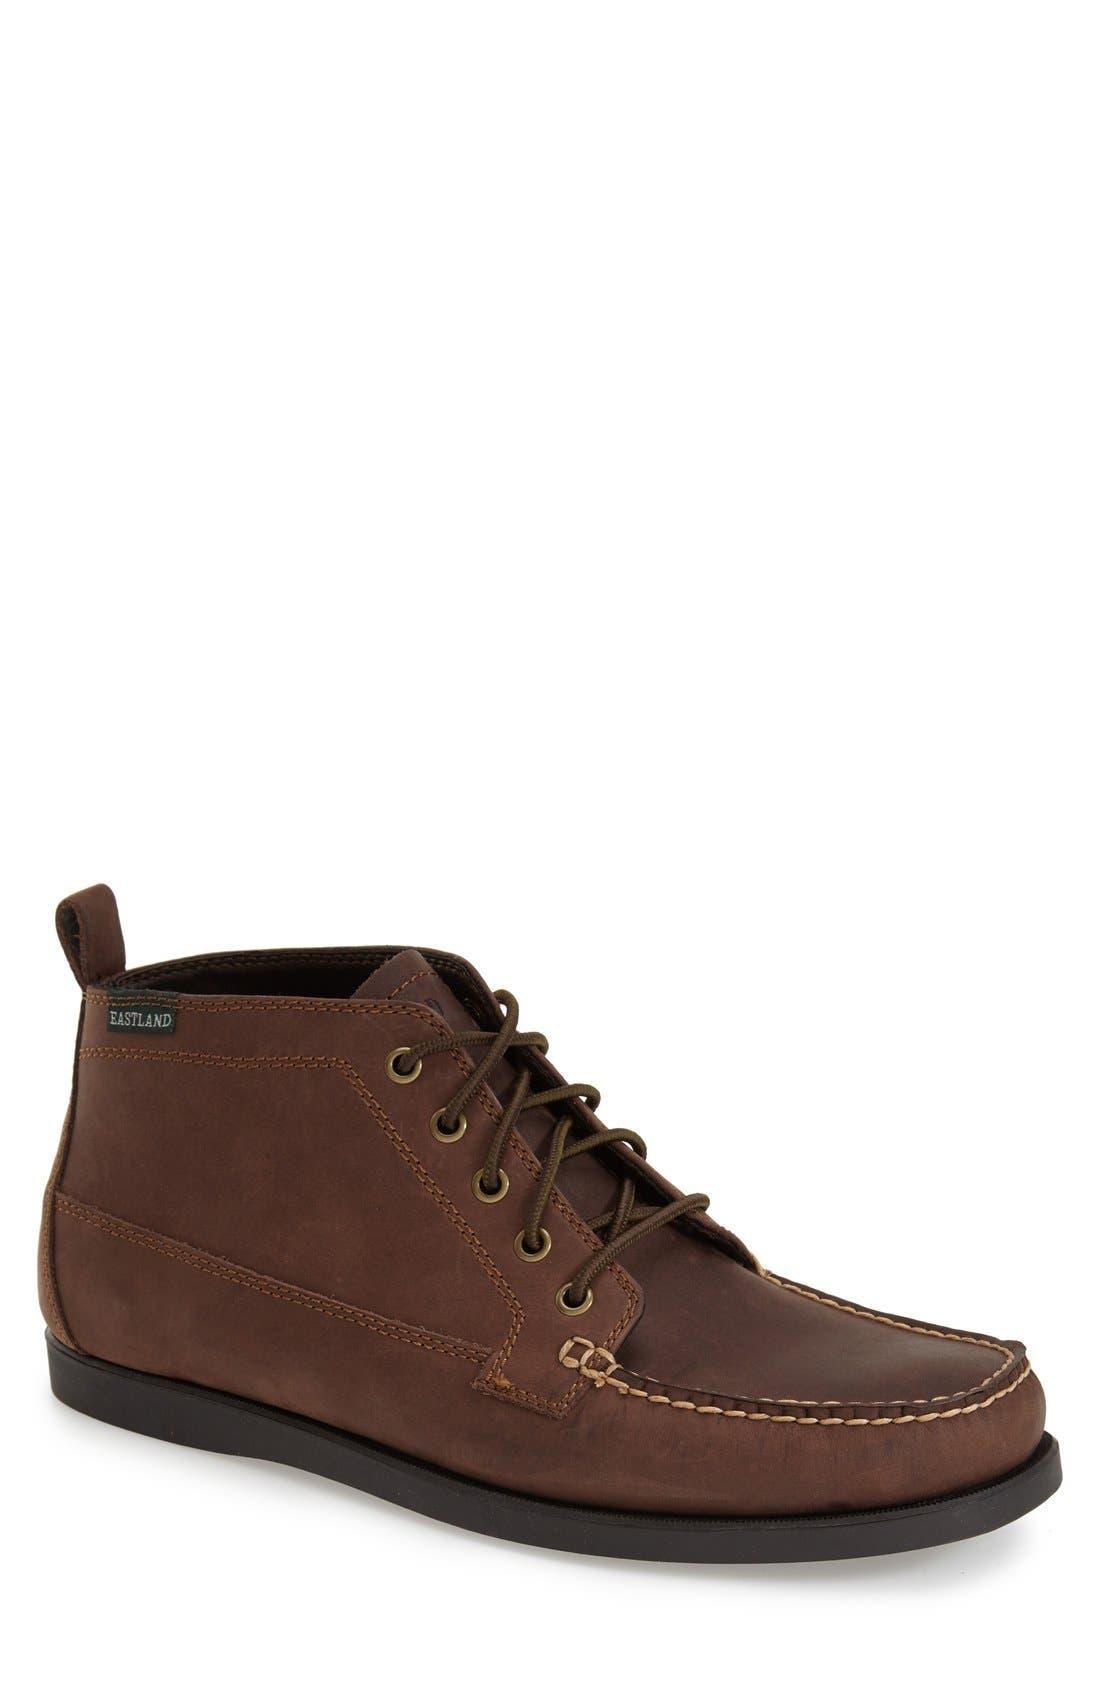 Eastland 'Seneca' Moc Toe Boot (Men)